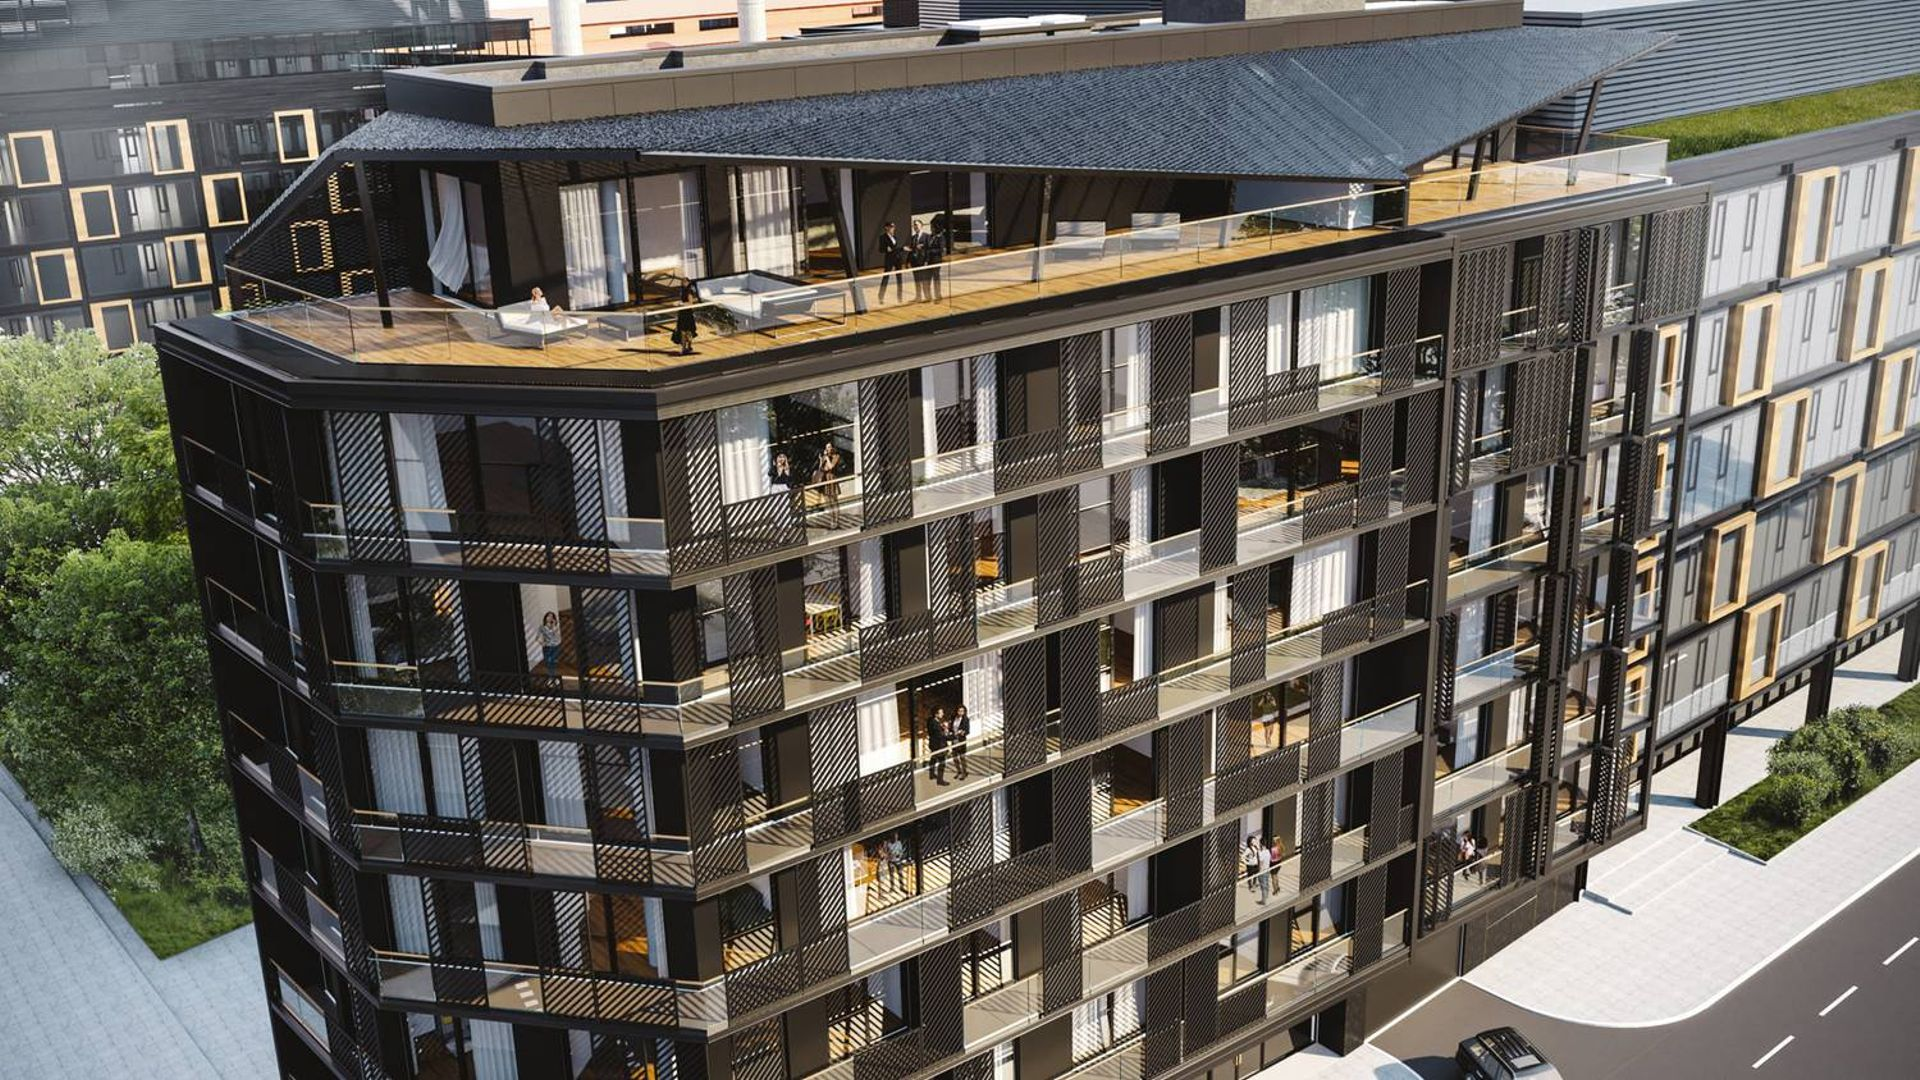 Warszawa: Dobra 32 – apartamentowiec o strukturze kryształu powstaje na Powiślu